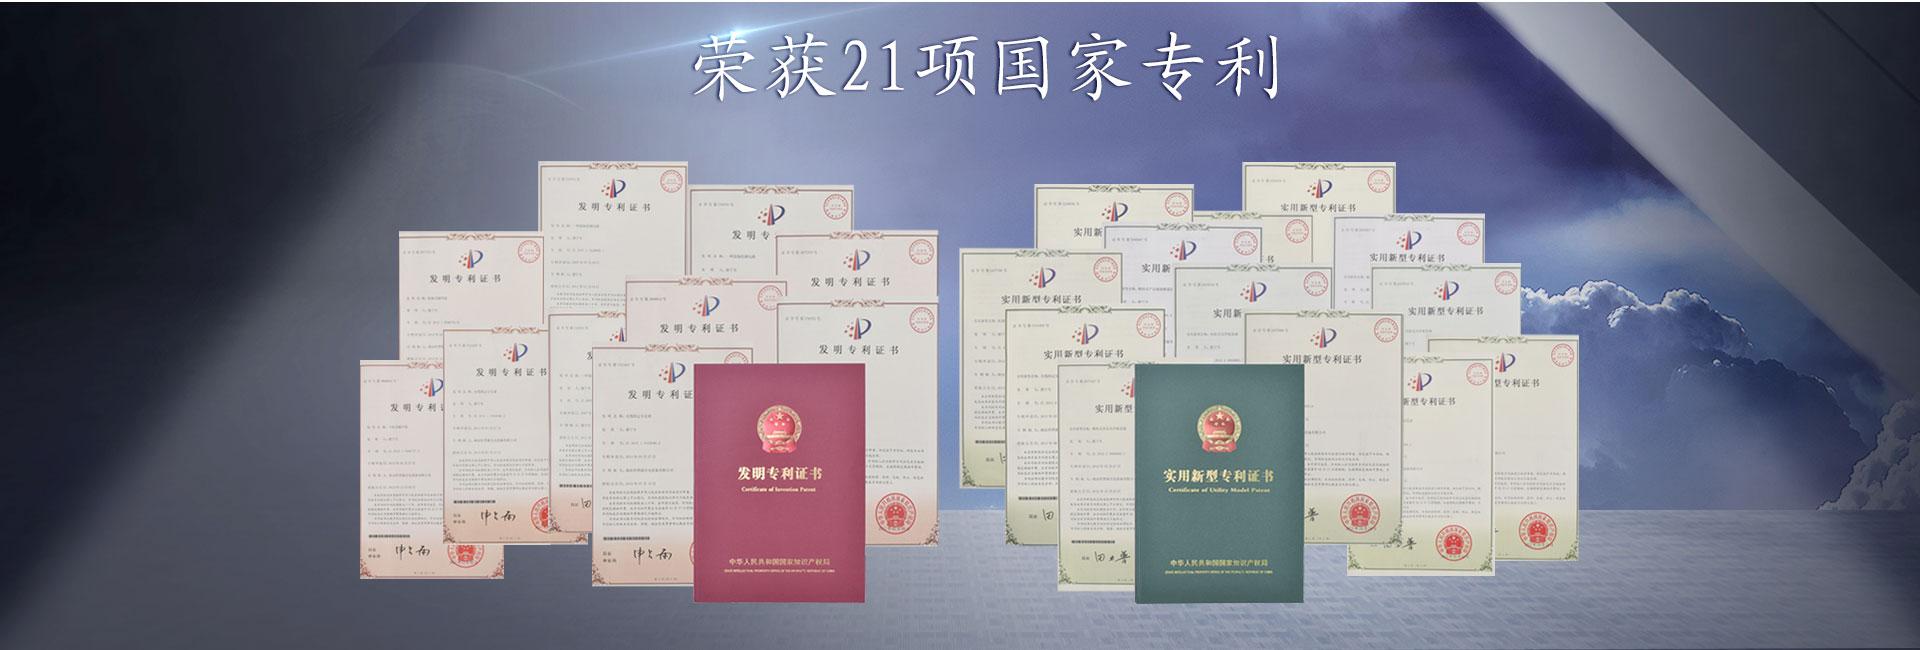 科羿康自主研发获得多项专利